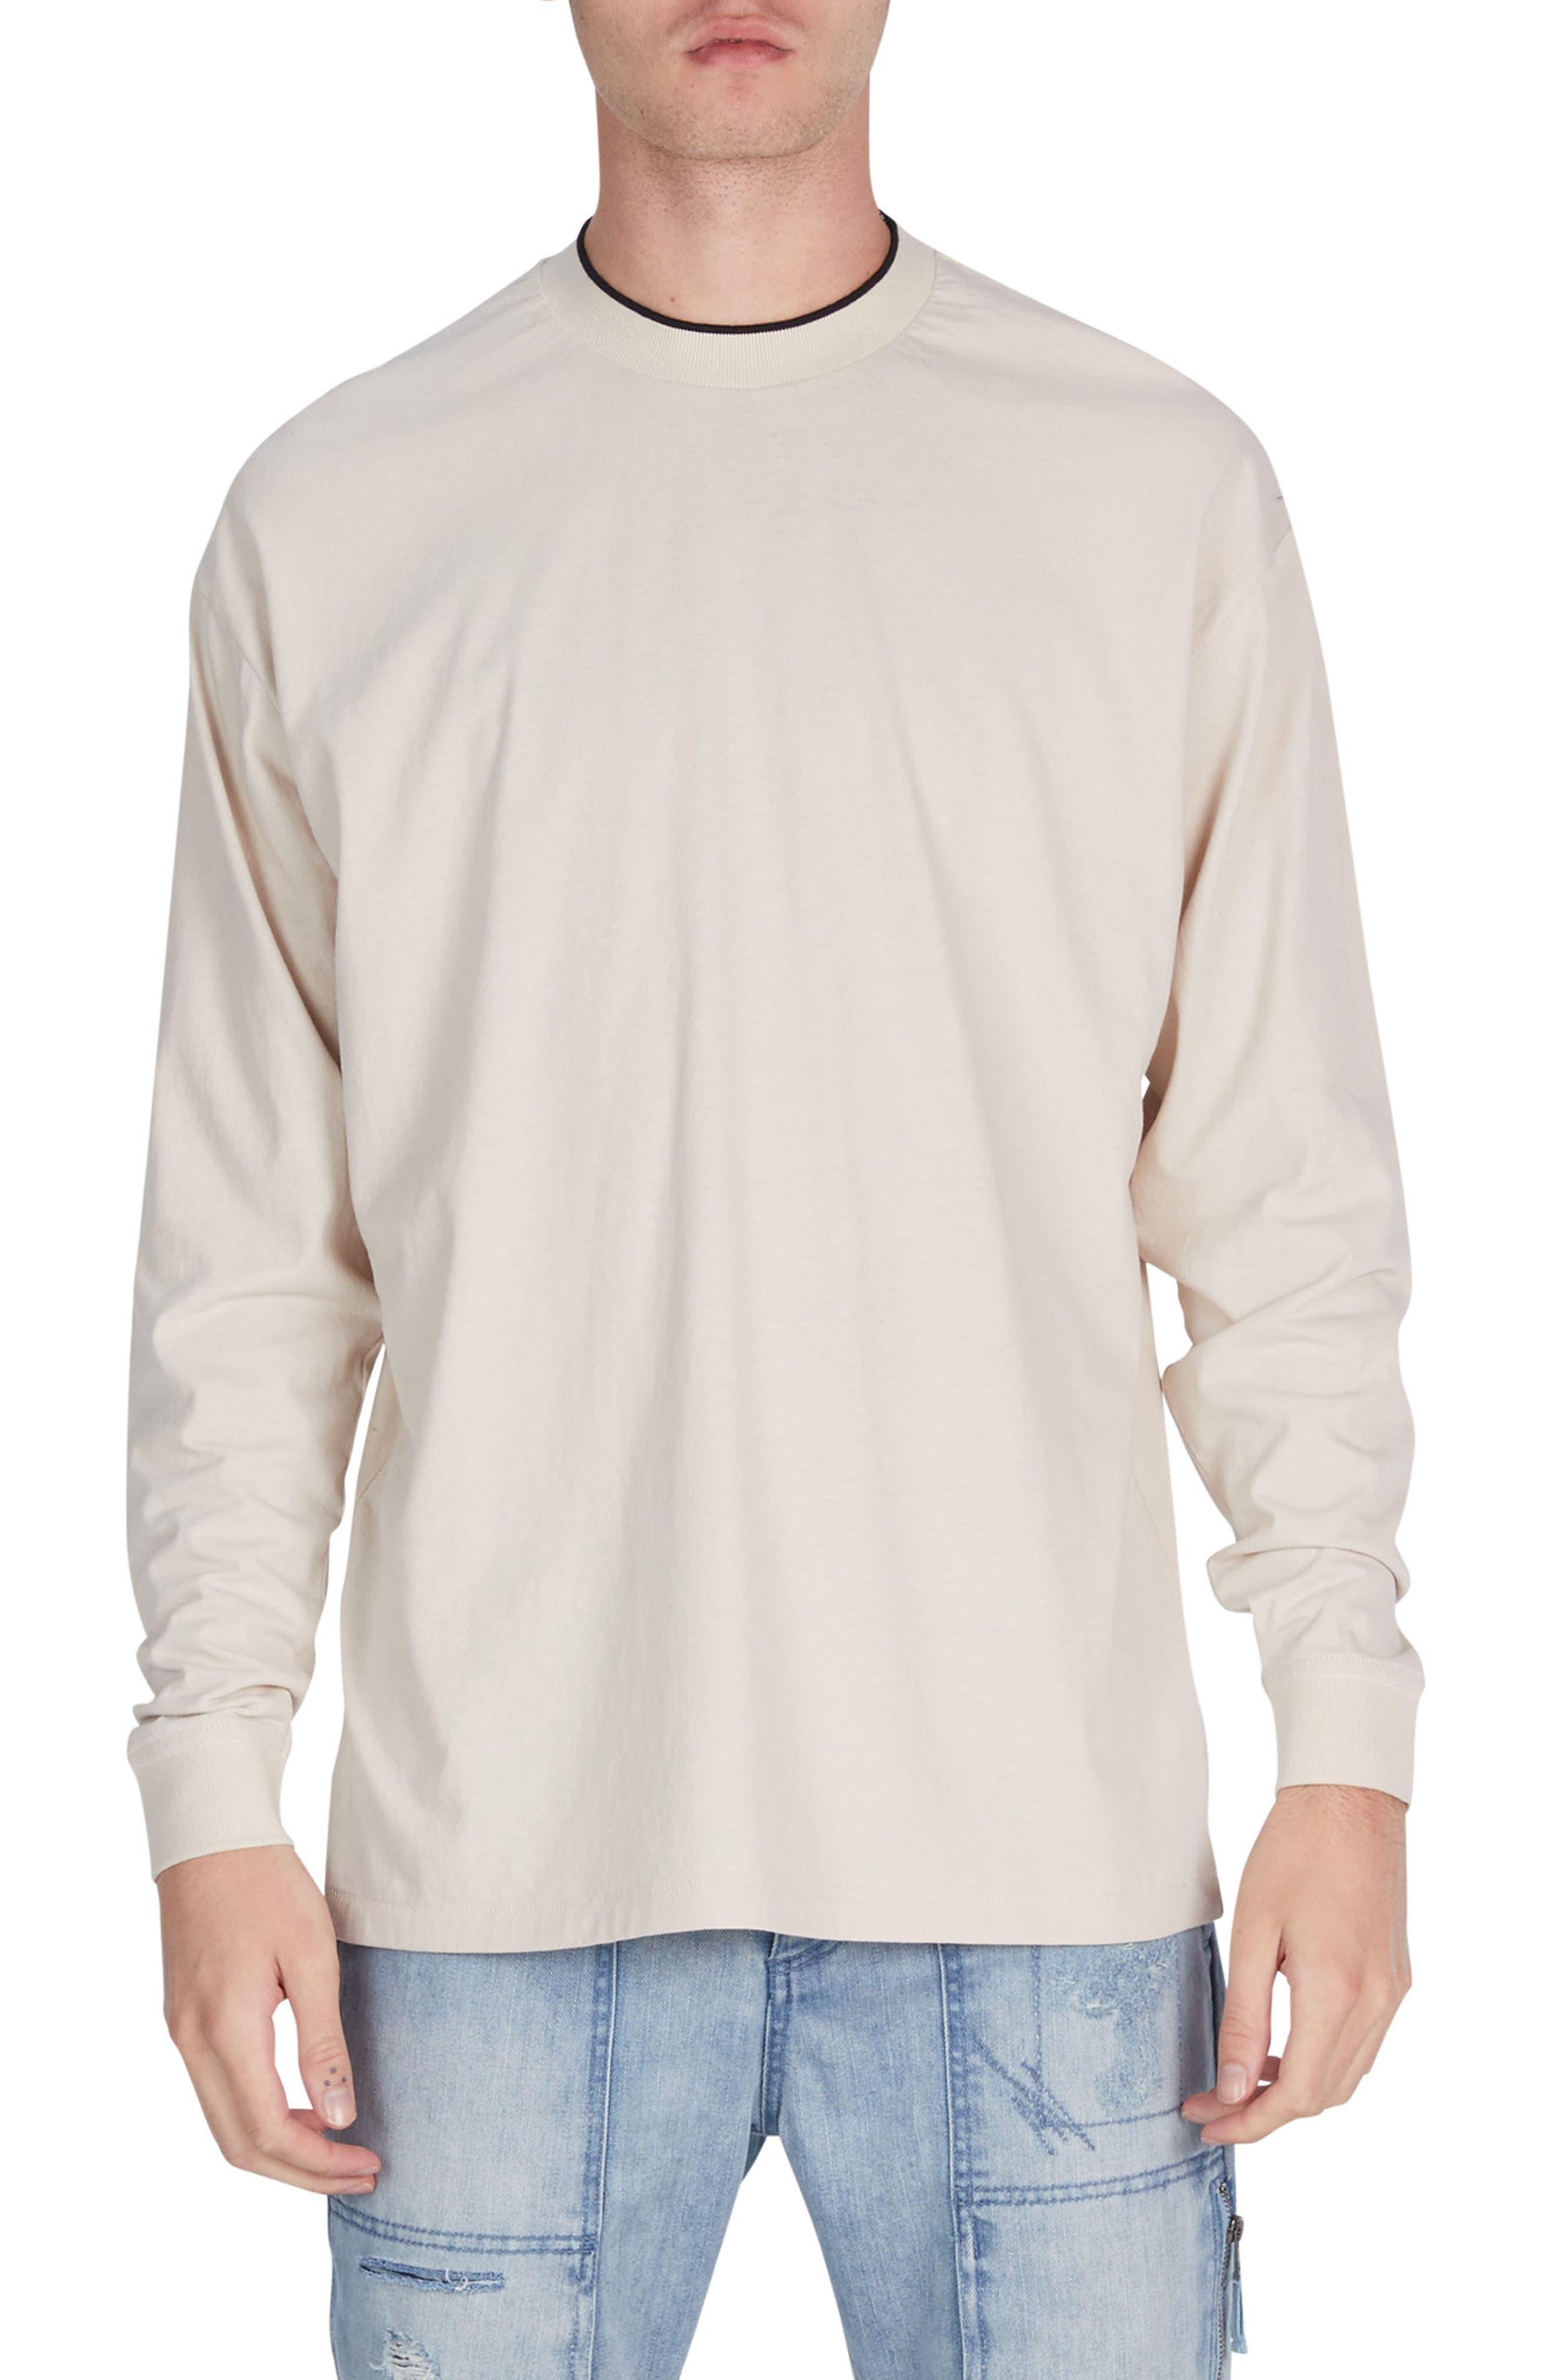 Alternate Image 1 Selected - ZANEROBE Tipped Boxy T-Shirt